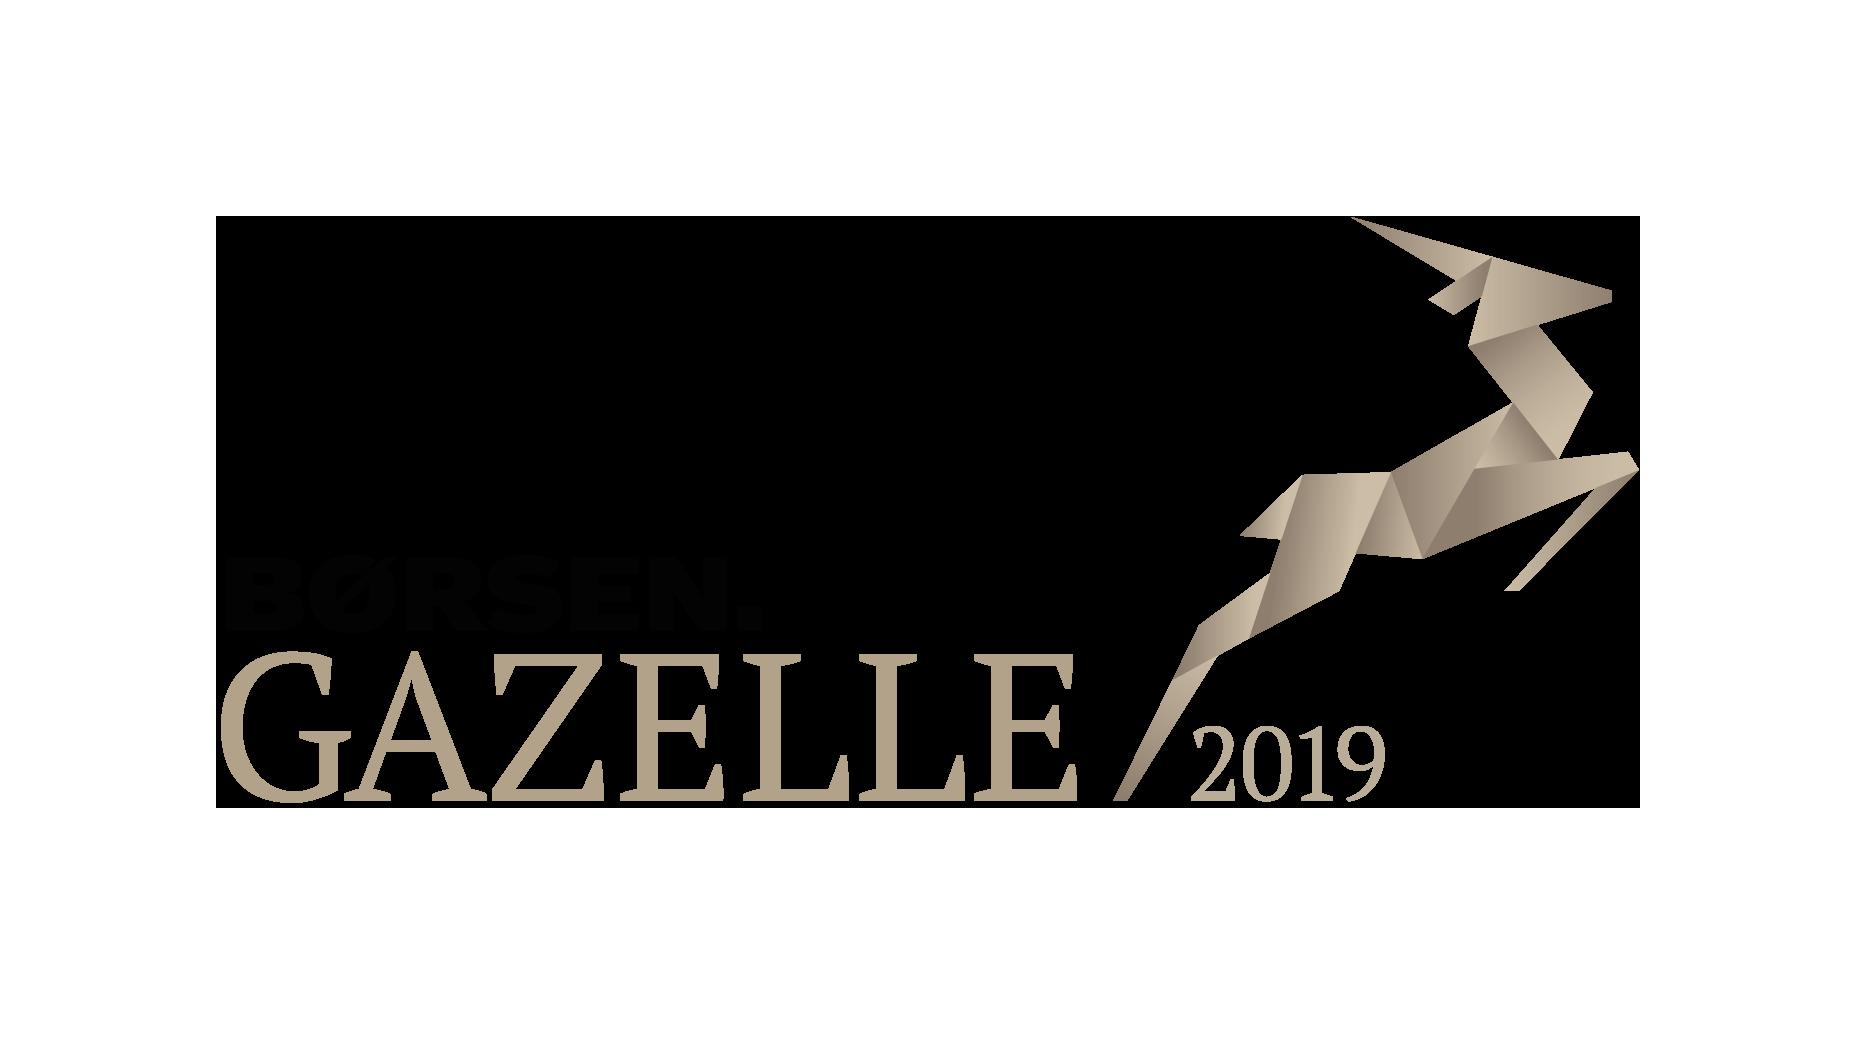 Gazelle logo 2019